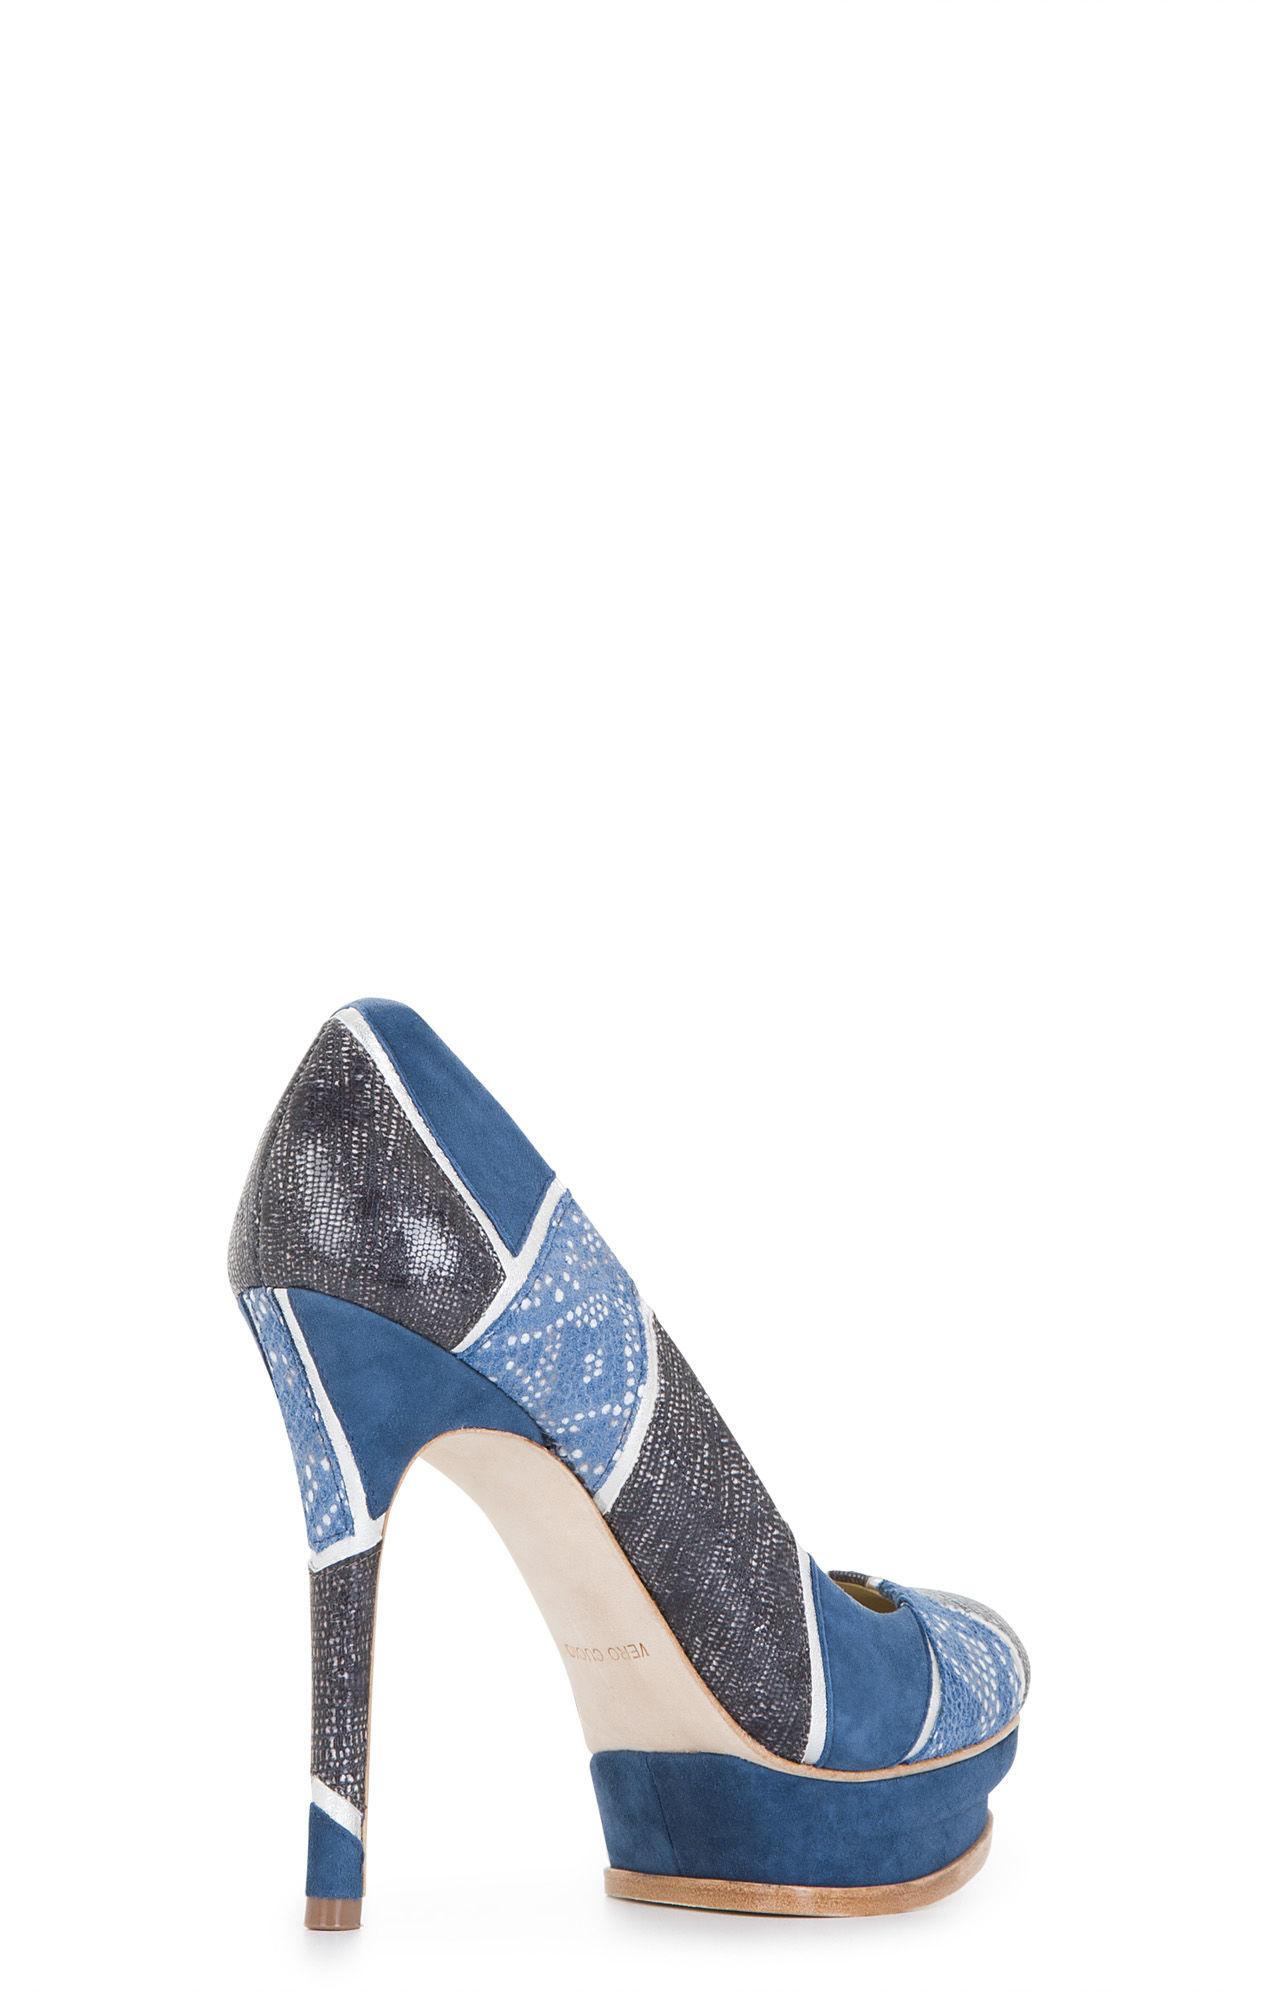 72d207d831dc Lyst - BCBGMAXAZRIA Pamela High-heel Platform Pump in Blue